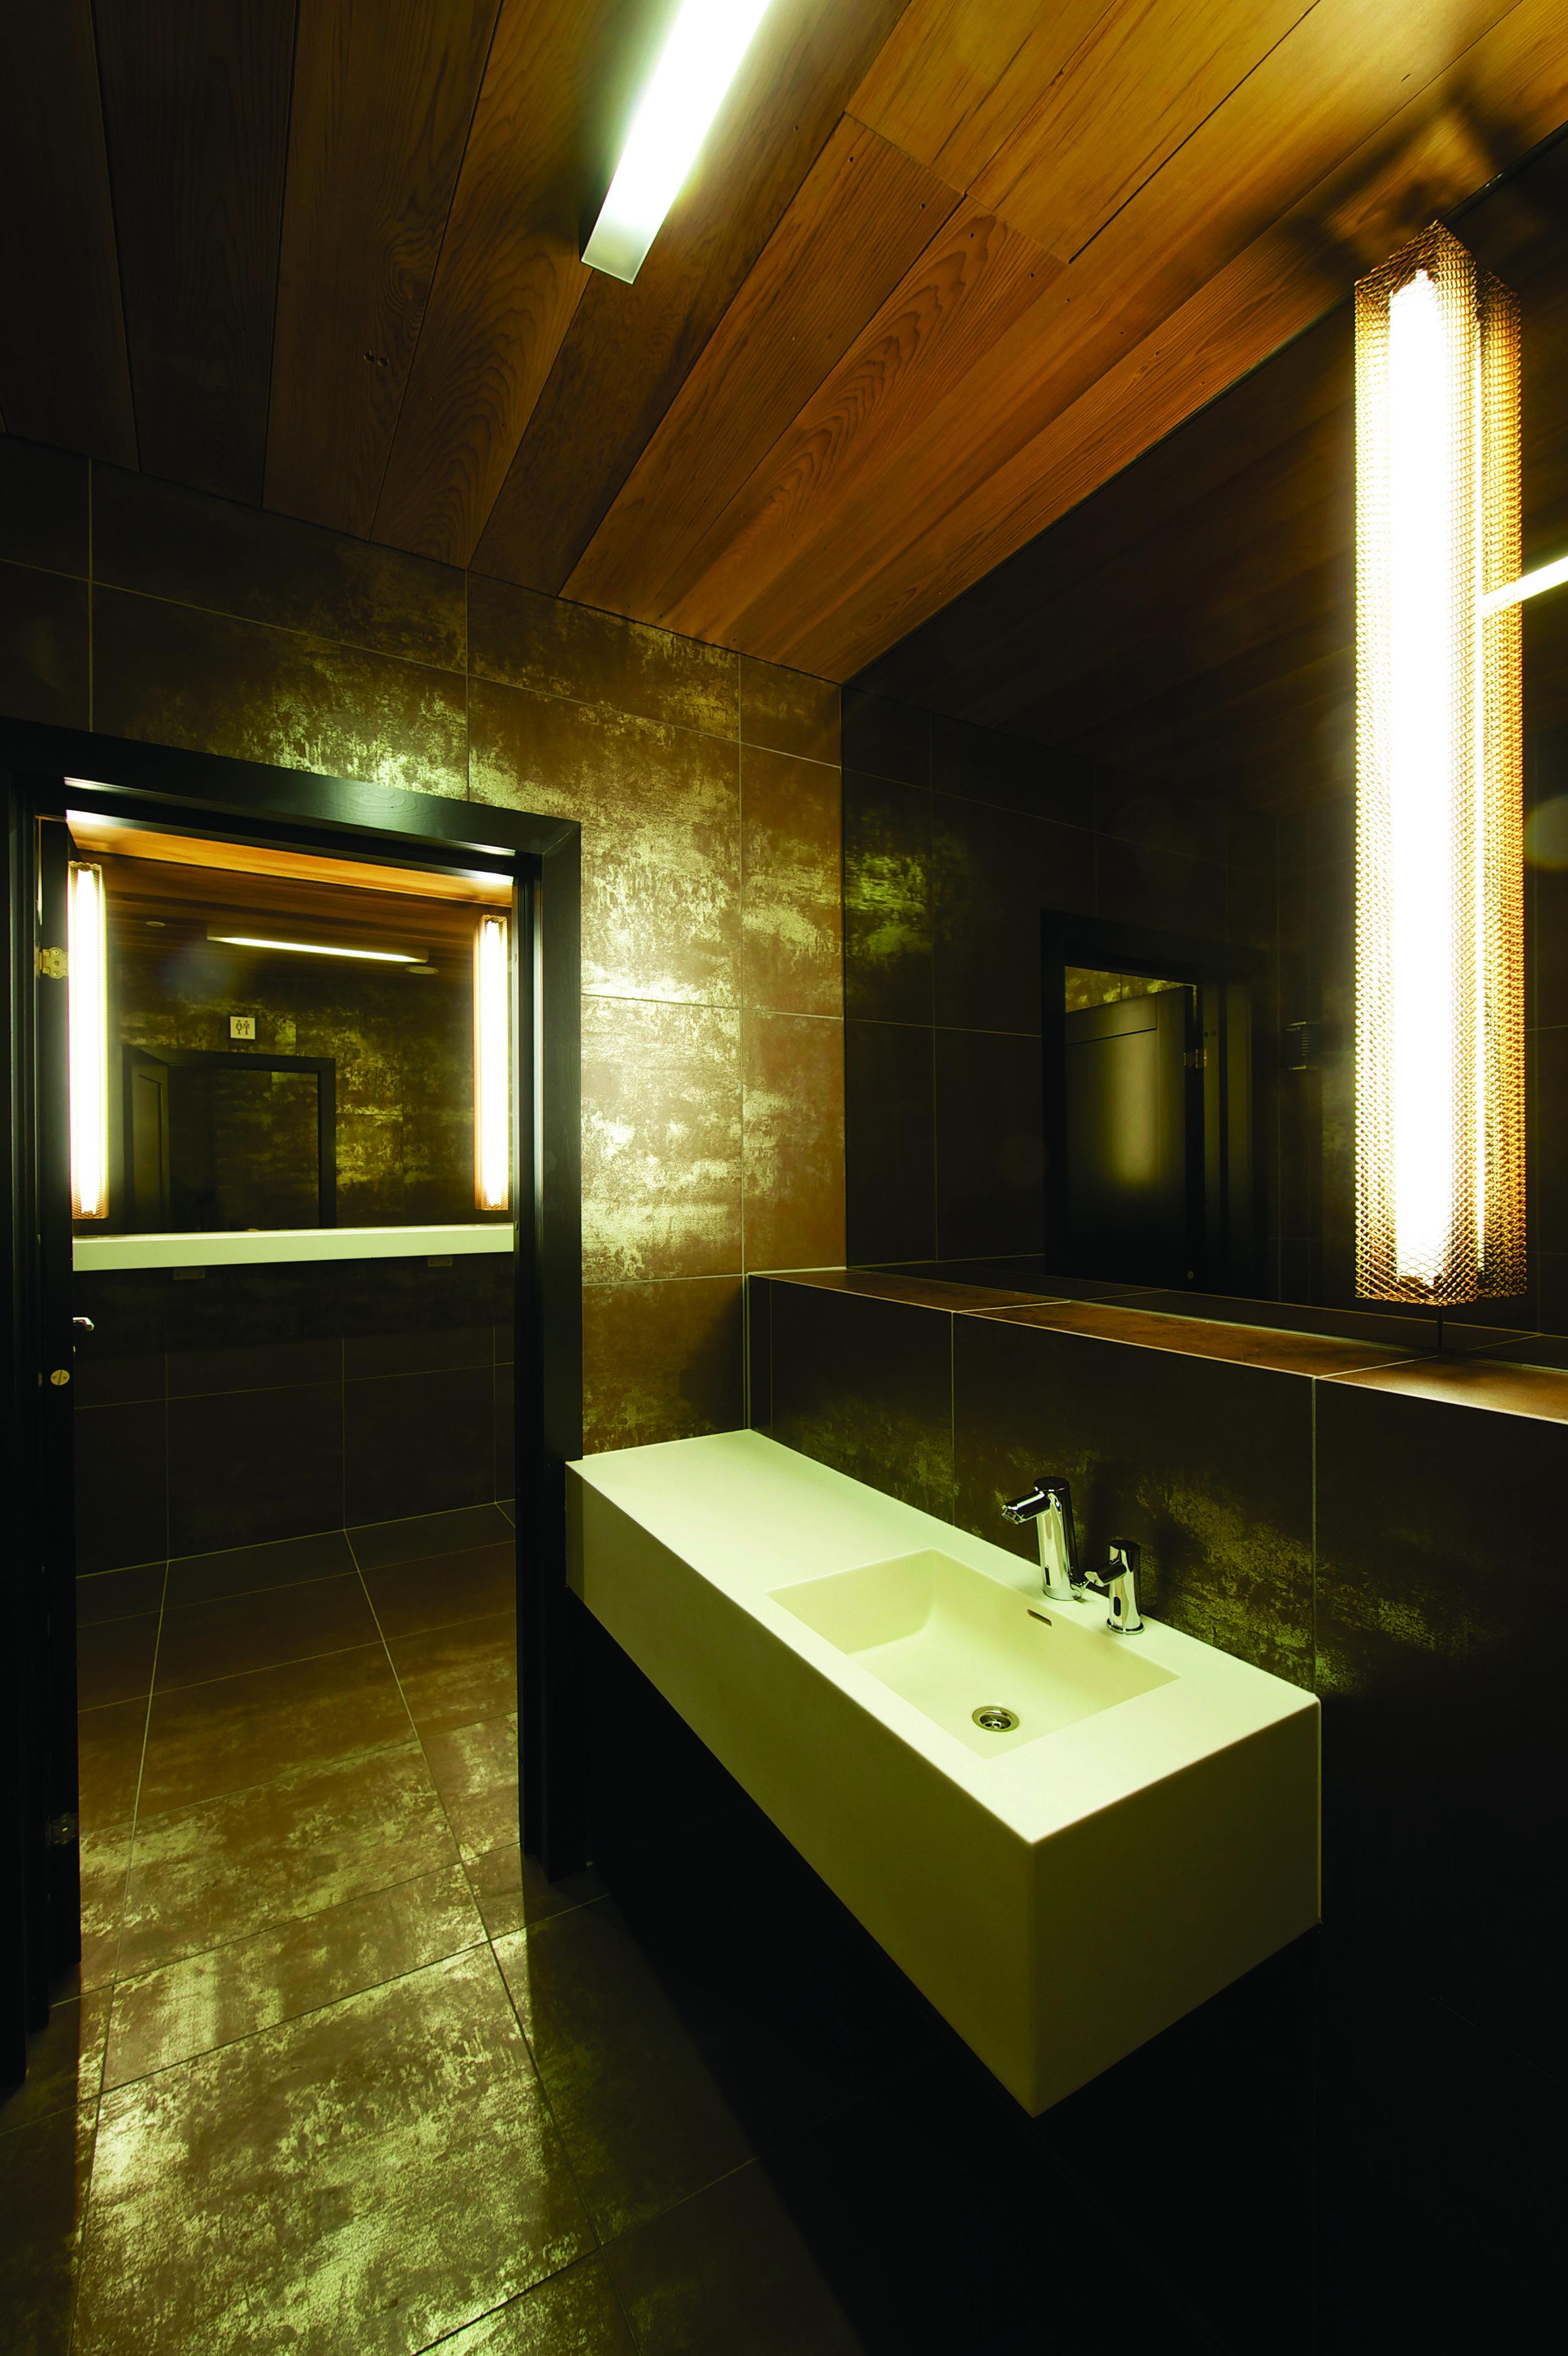 PALEET 20_Public Restroom_Nils Petter Dale.jpg